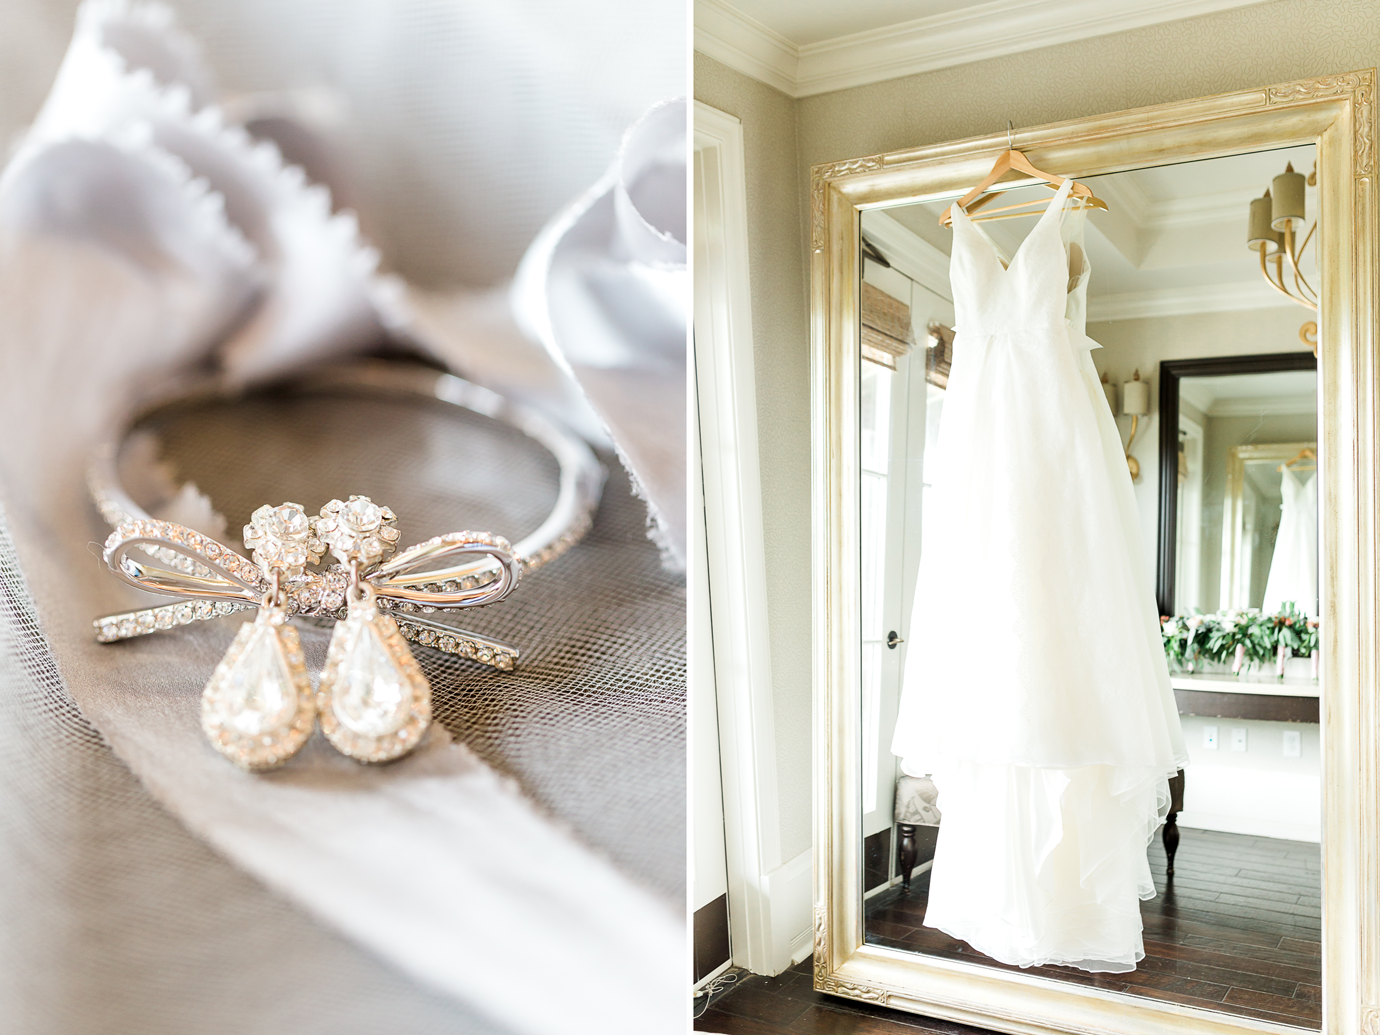 wedding details - jewelery and wedding dress